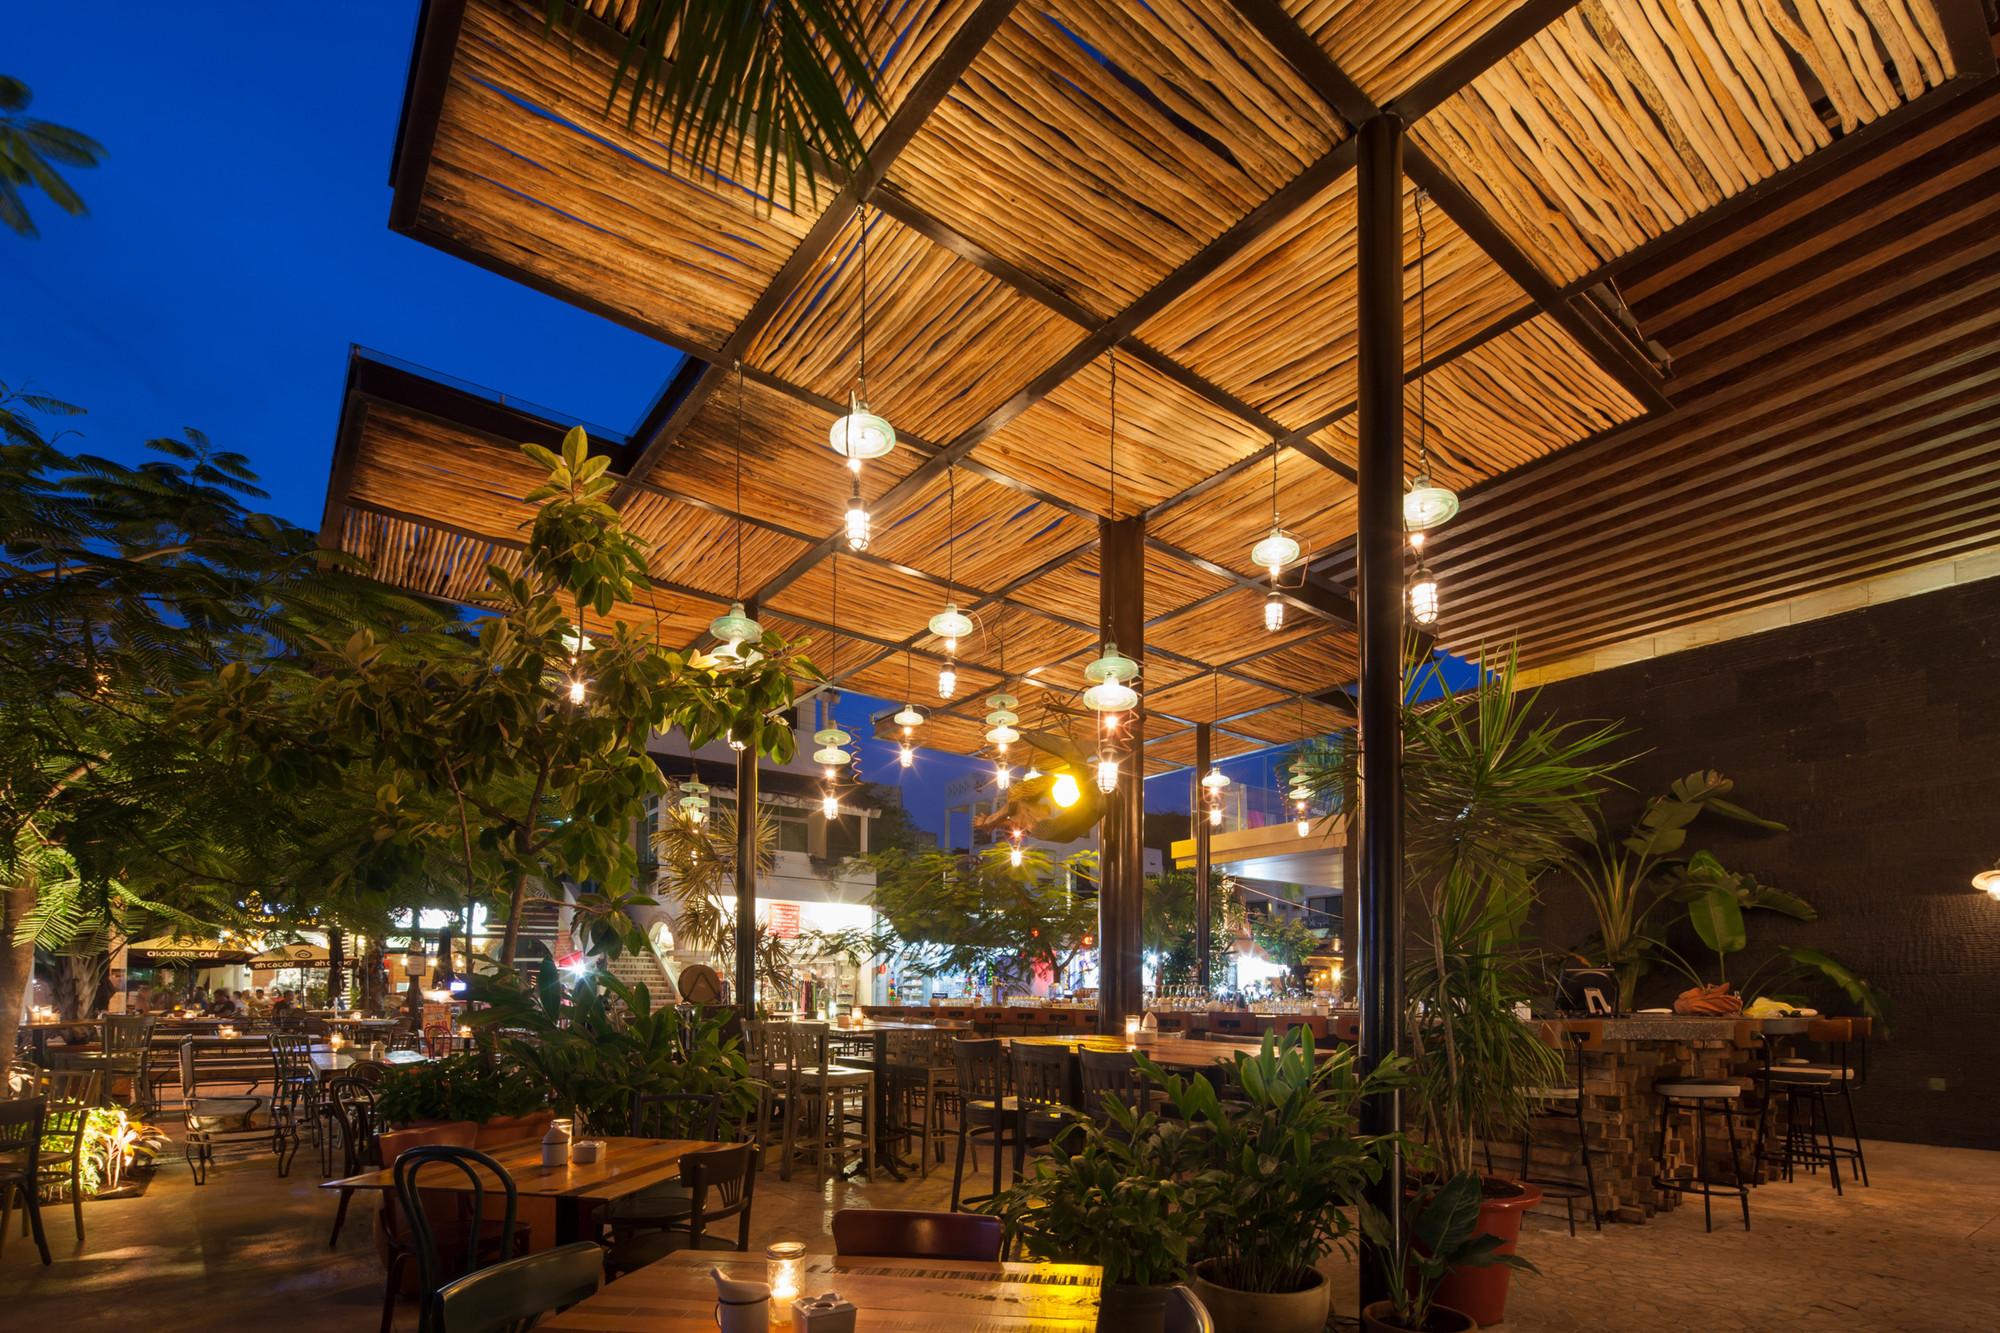 Hotel boutique cacao rdlp arquitectos plataforma for El concepto de arquitectura